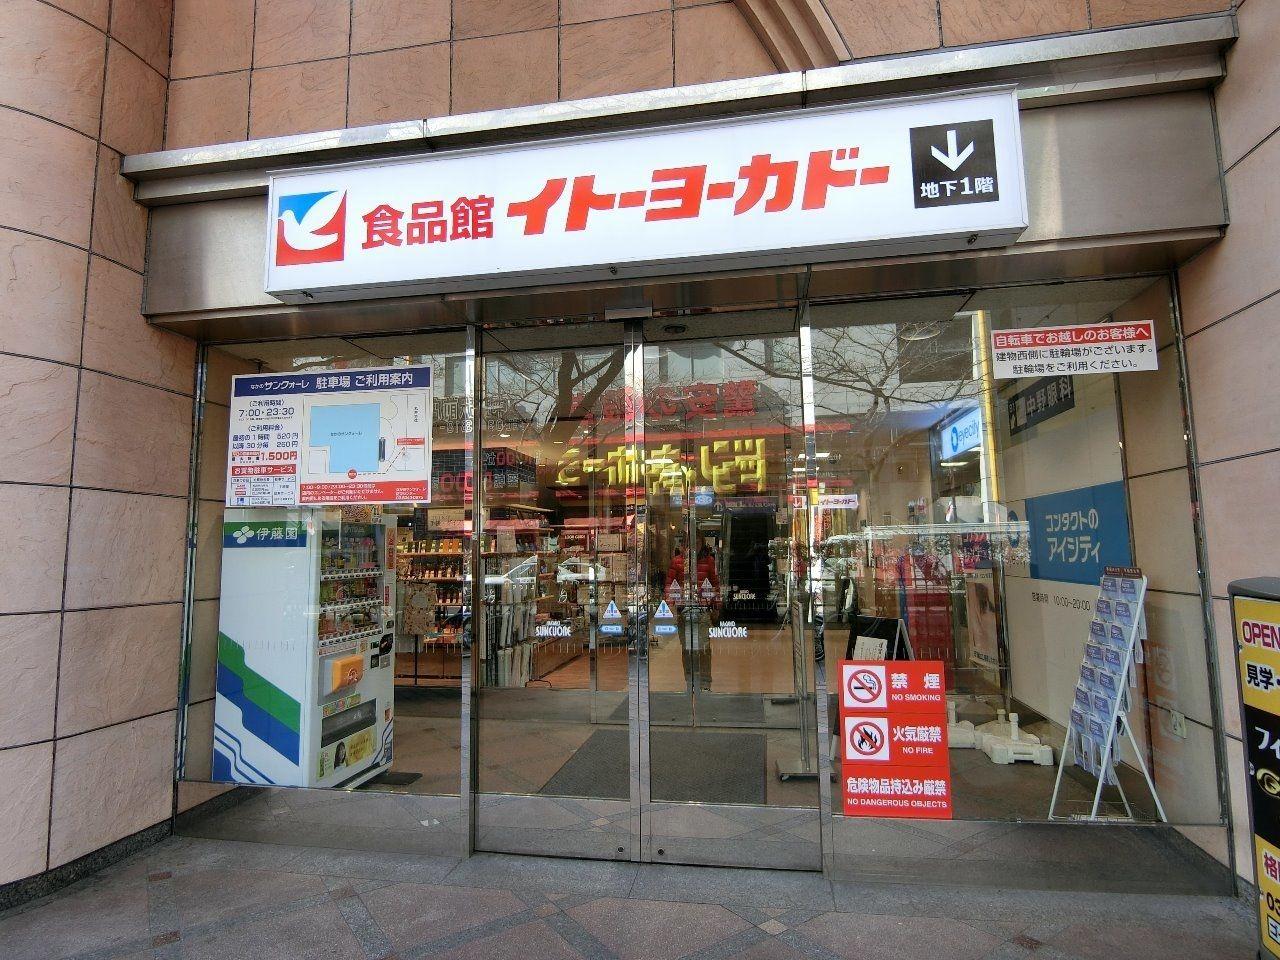 大型スーパーです。